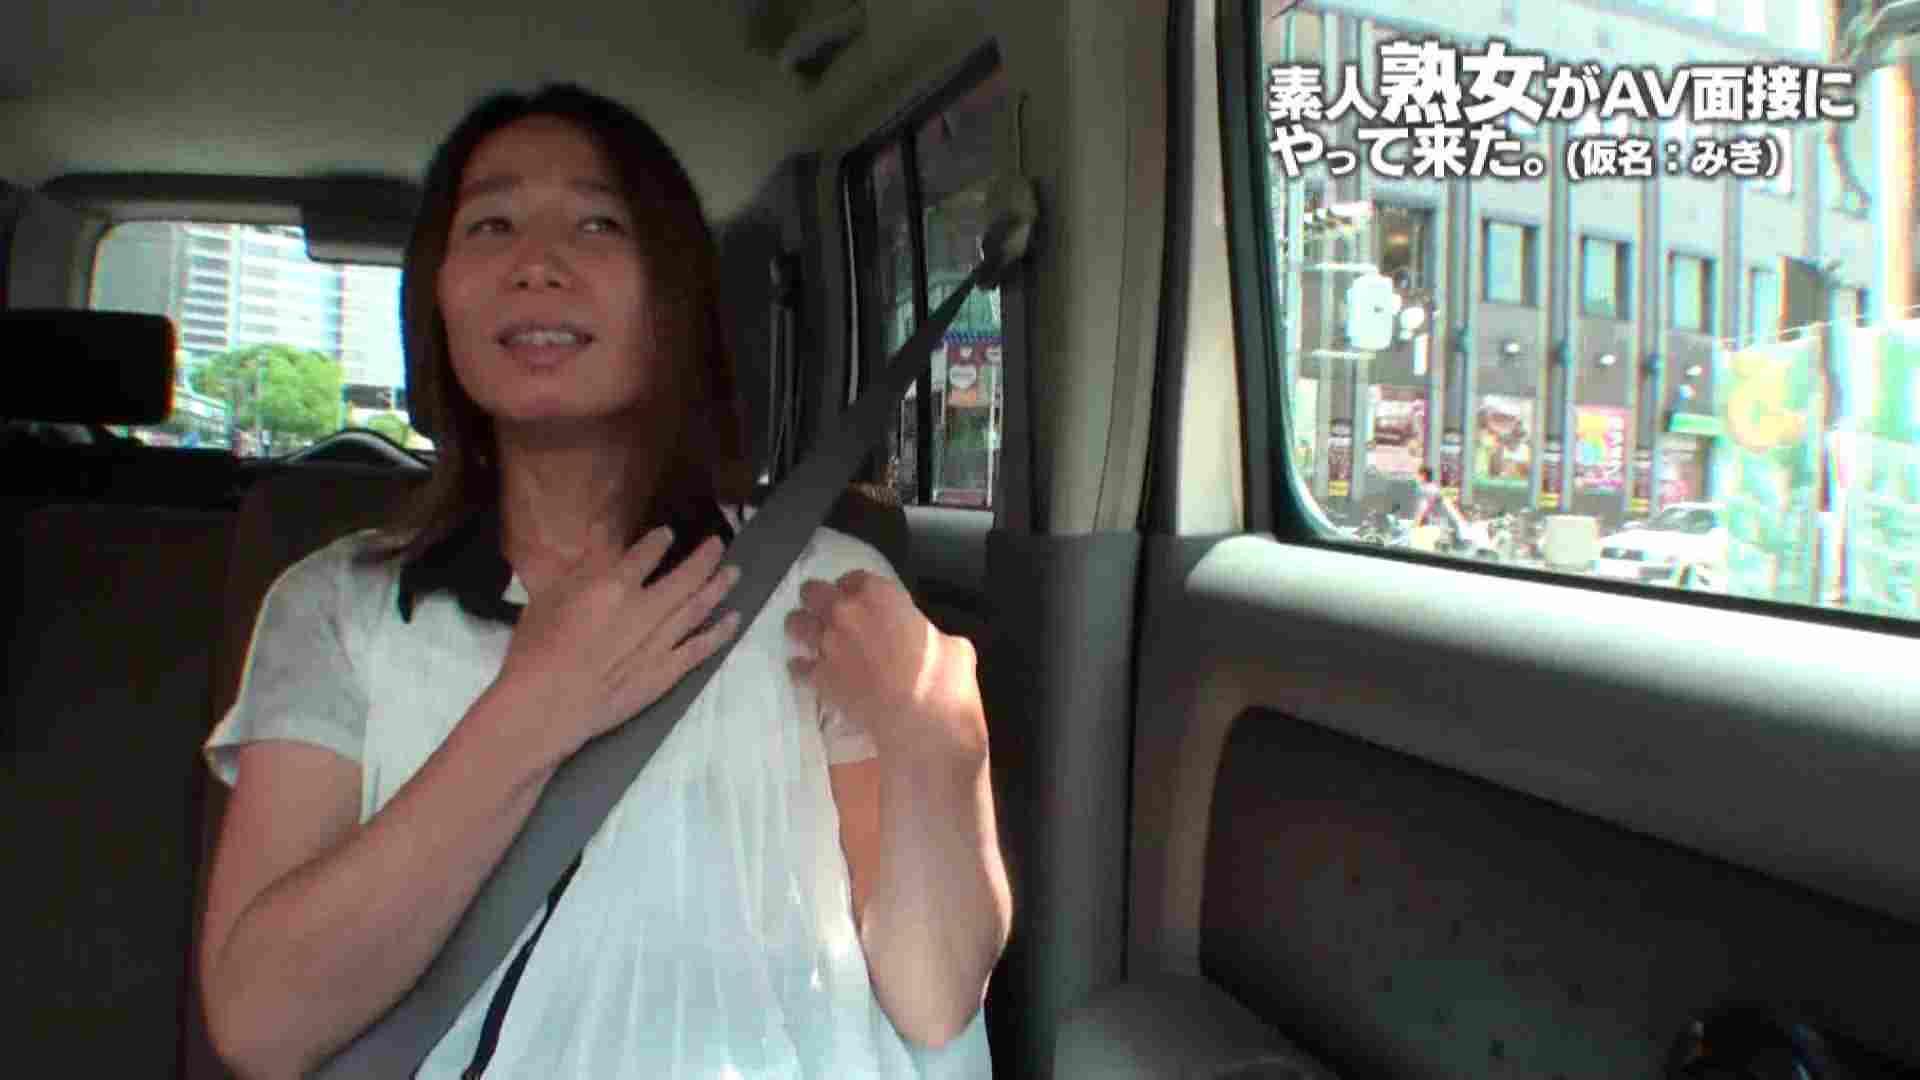 素人熟女がAV面接にやってきた (熟女)みきさんVOL.01 熟女丸裸 AV無料動画キャプチャ 86pic 69